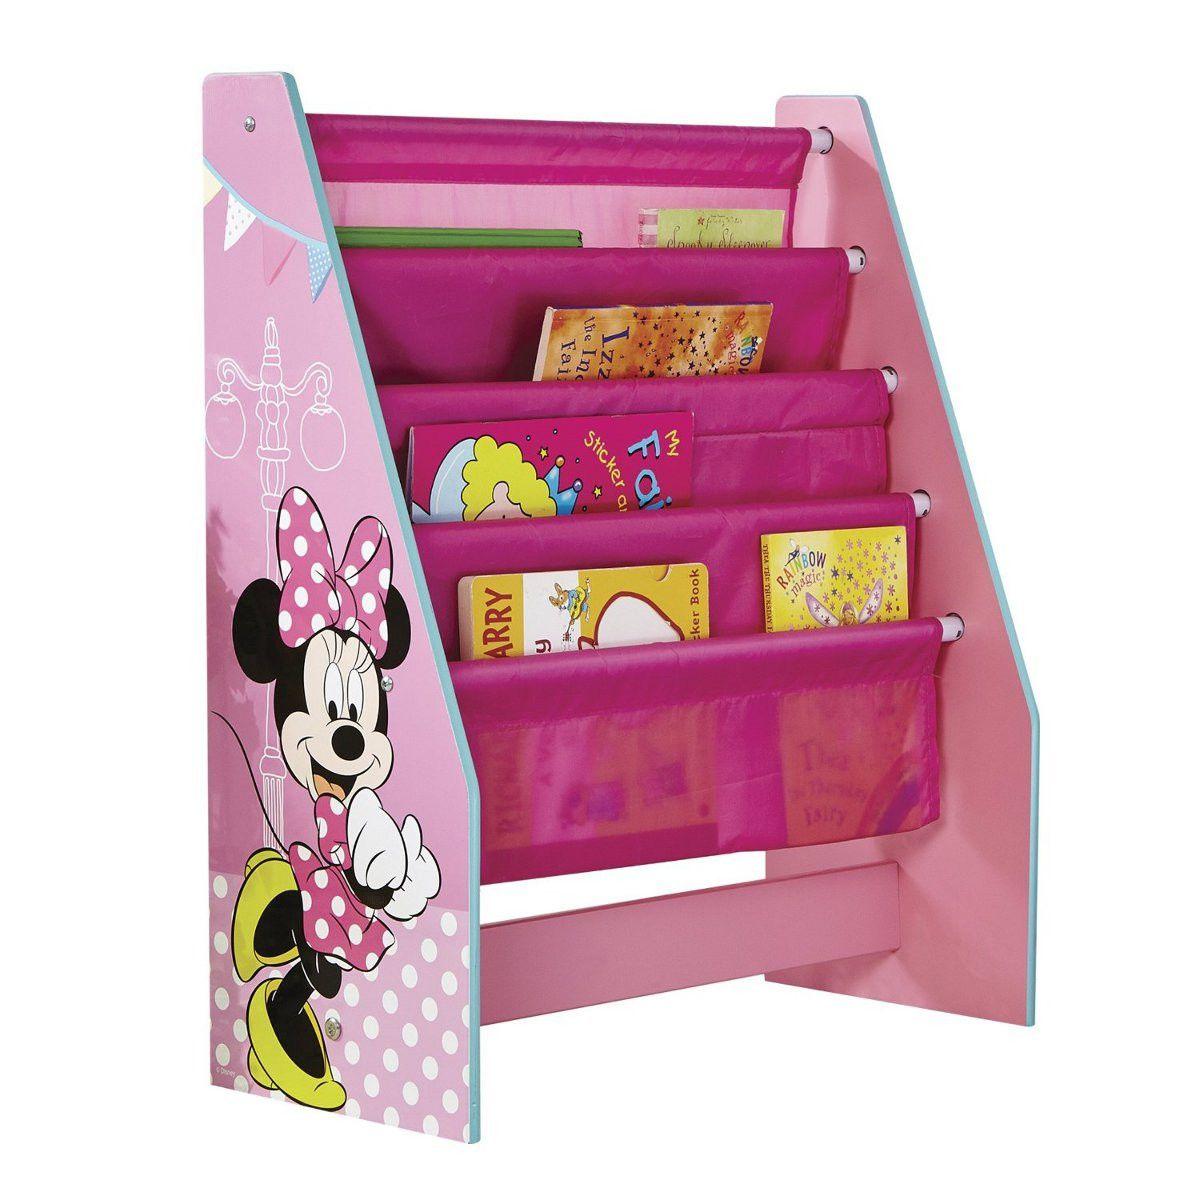 Meuble Range Livres Minnie Mouse De Disney En 2020 Meuble Rangement Enfant Rangement Enfant Meuble Rangement